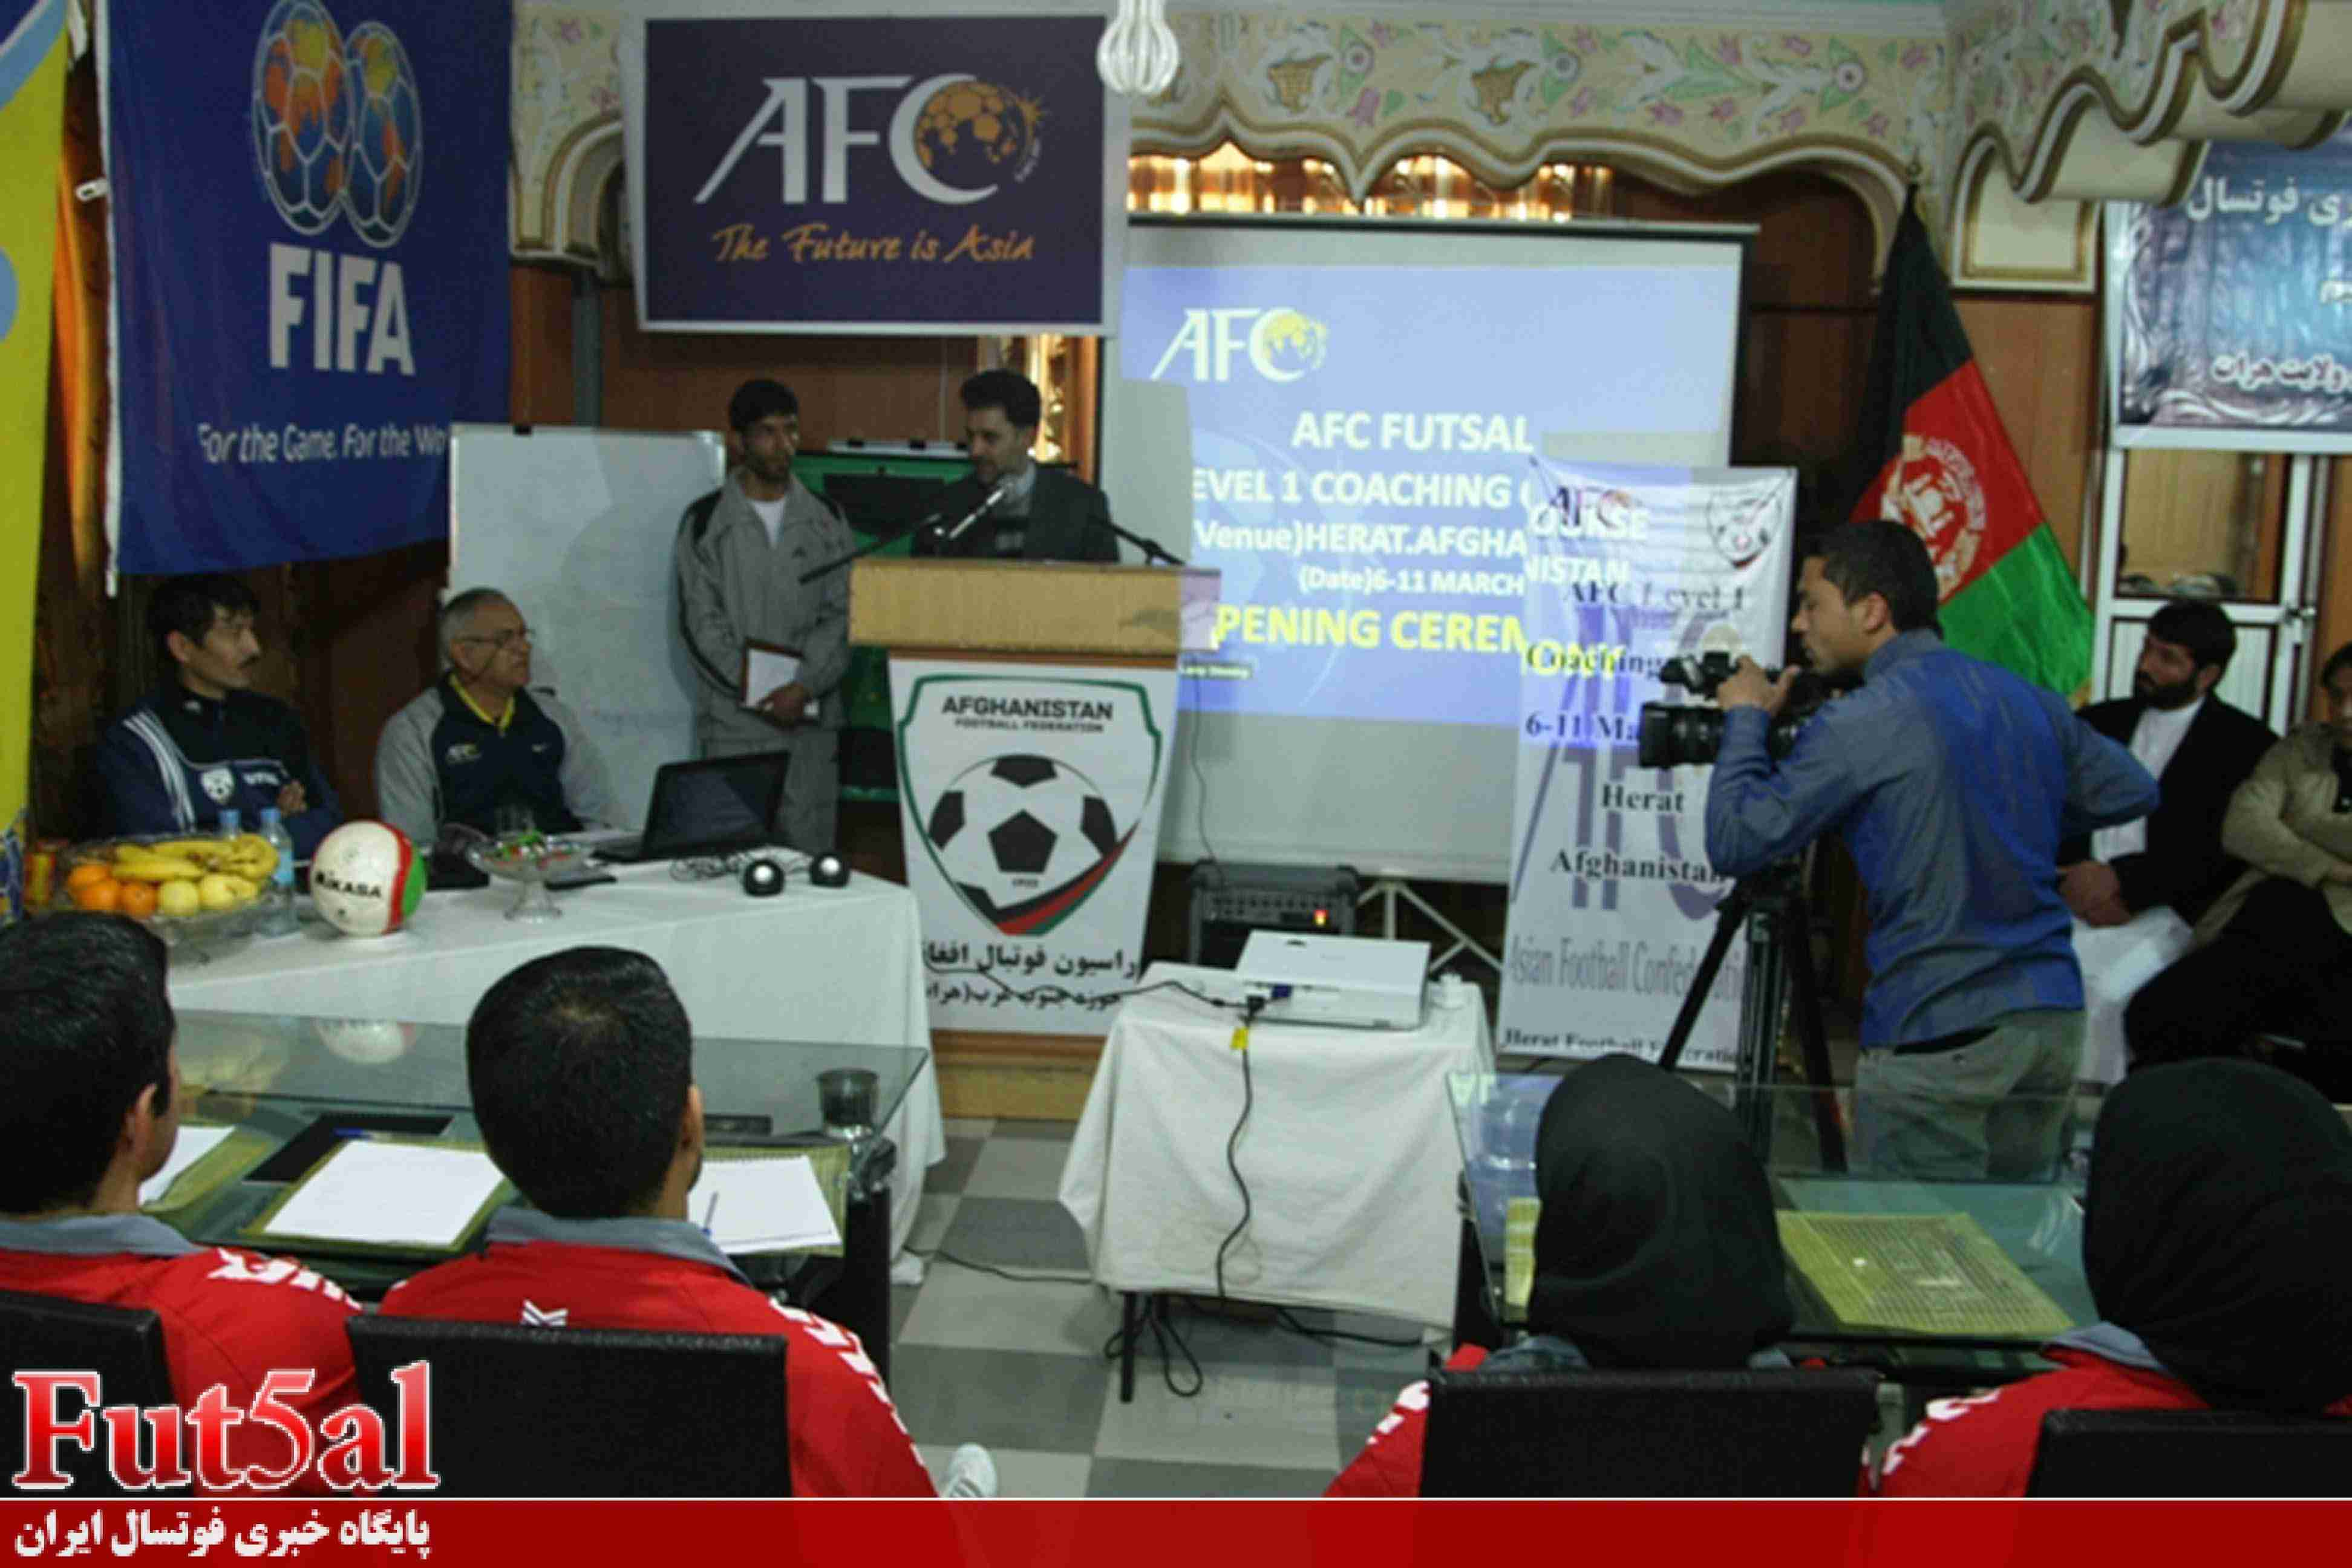 برگزاری دوره سطح یک آسیا در لاهیجان